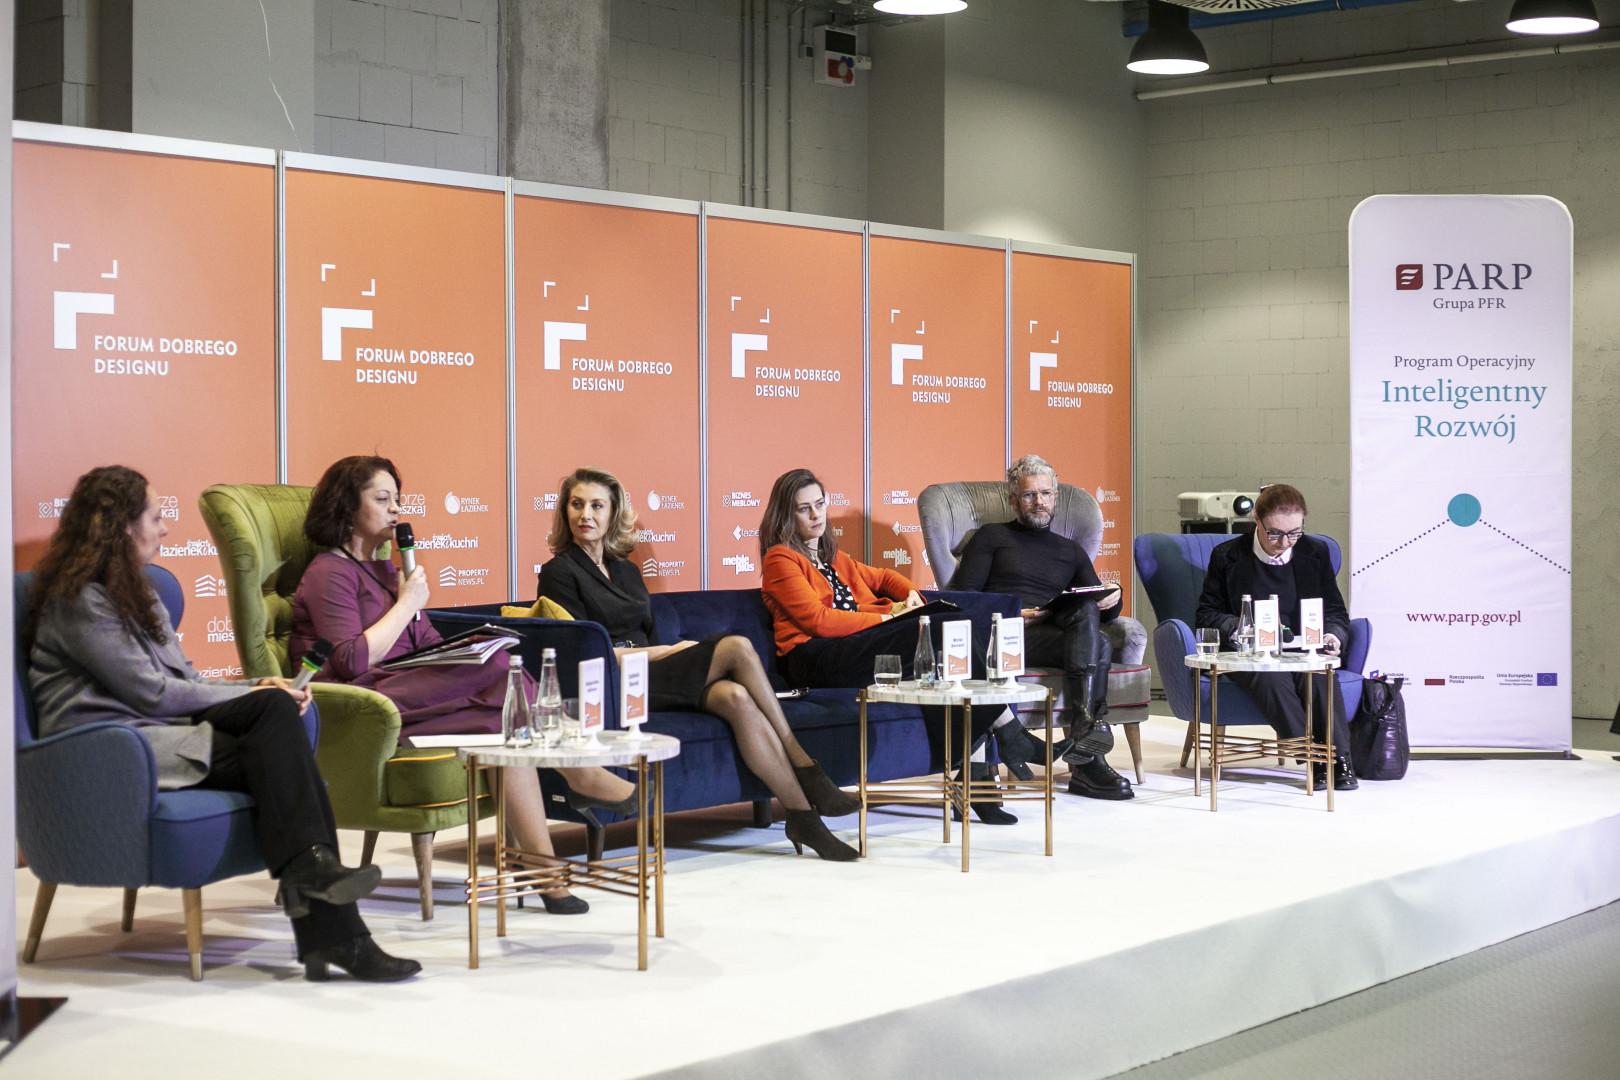 """Podsumowanie pilotażu """"Granty na dizajn"""" odbyło się 5 grudnia 2019 roku w trakcie Forum Dobrego Designu w Warszawie. Fot. PTWP"""